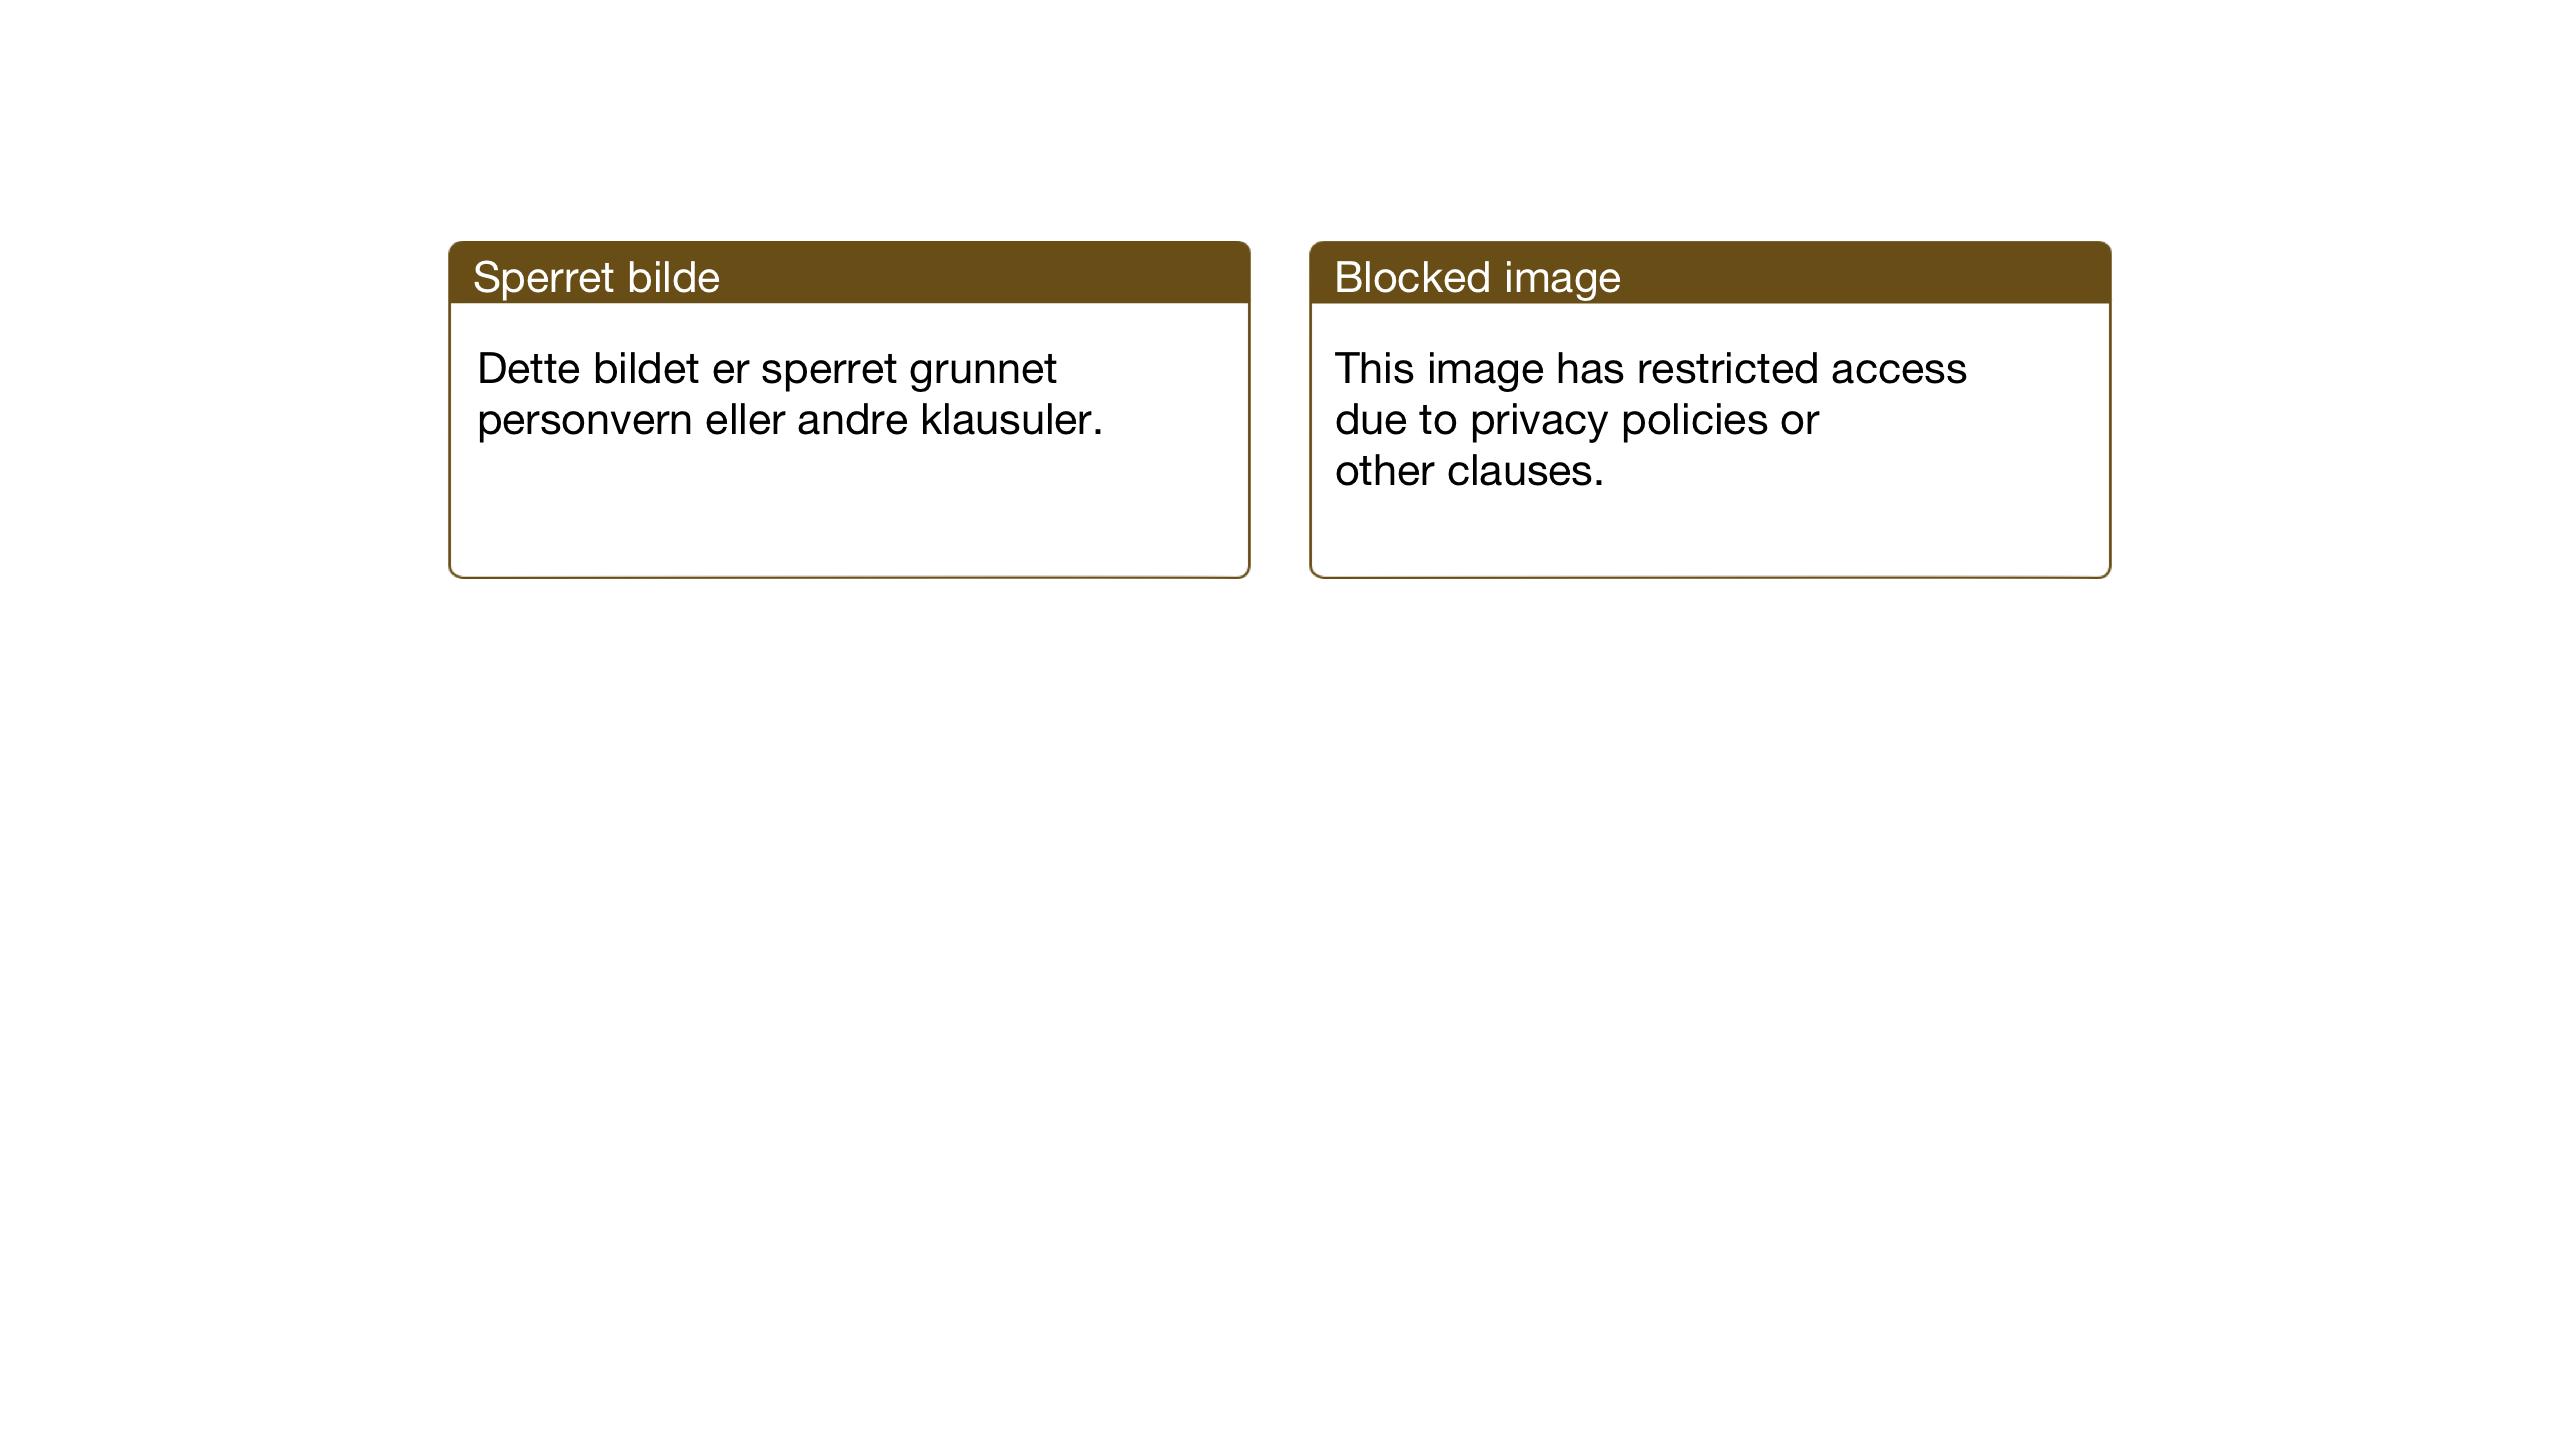 SAT, Ministerialprotokoller, klokkerbøker og fødselsregistre - Sør-Trøndelag, 637/L0564: Klokkerbok nr. 637C05, 1928-1968, s. 213